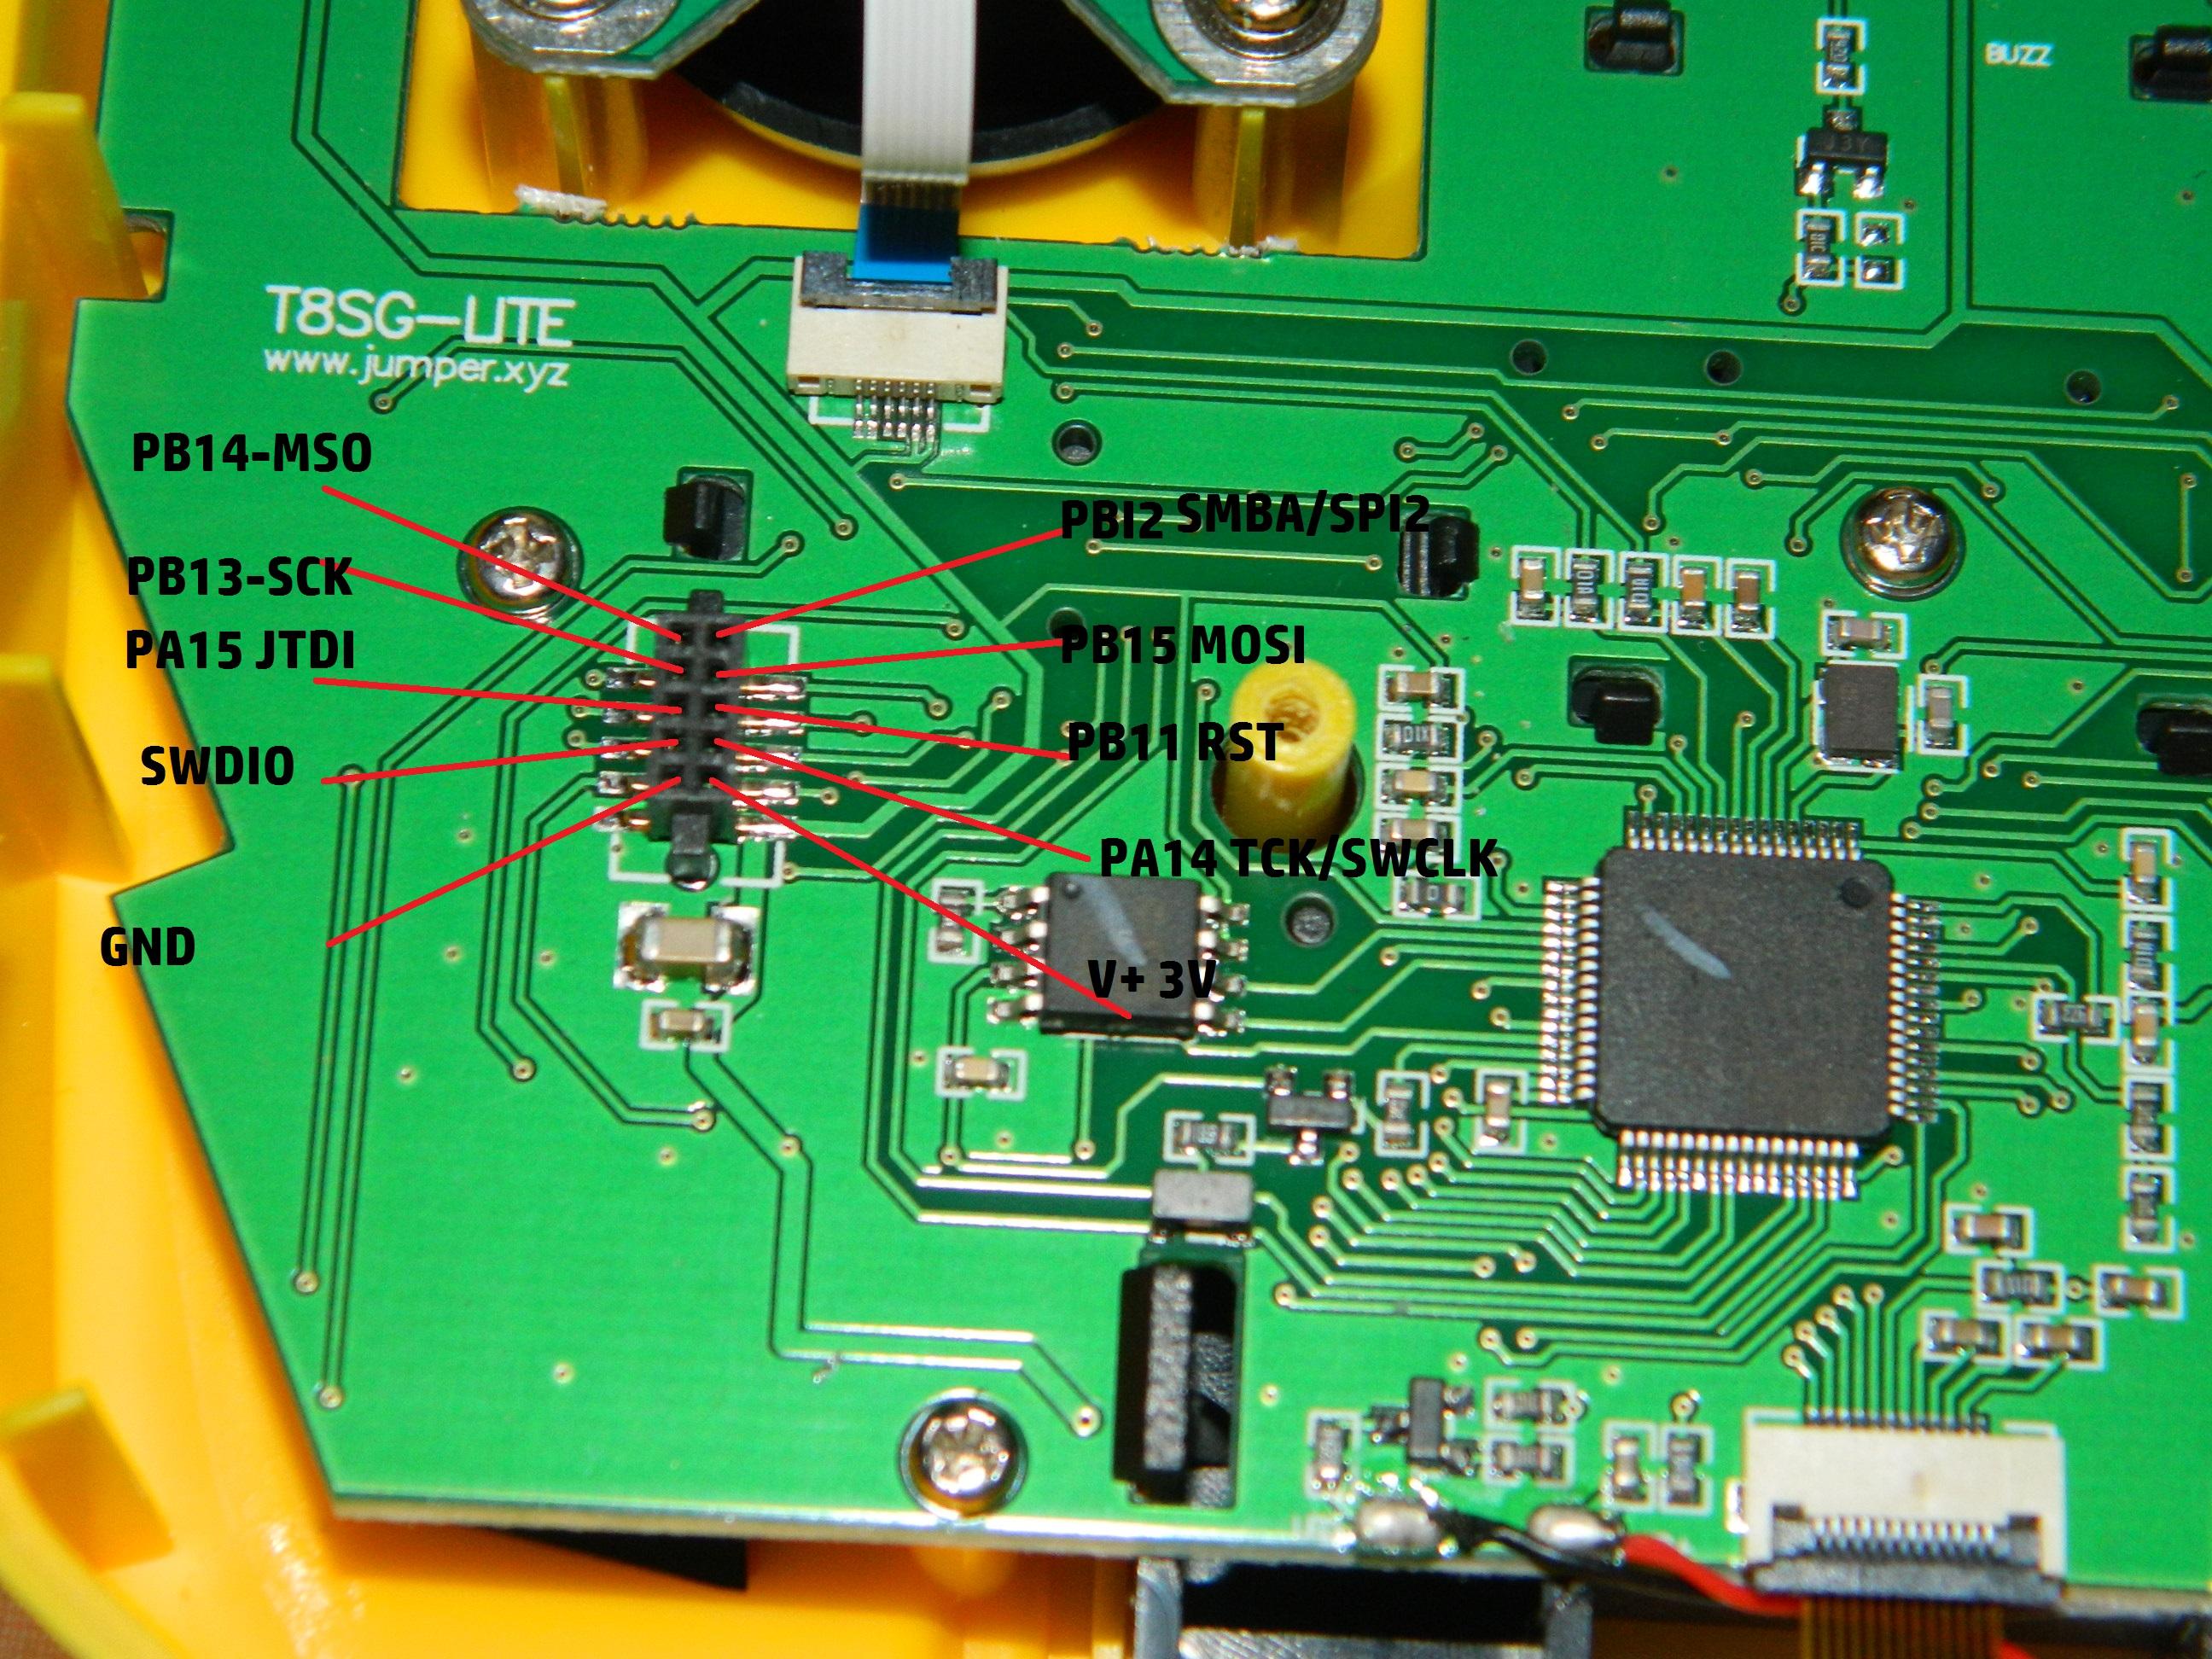 Discussion Jumper T8SG Lite Multi-Protocol Compact Full